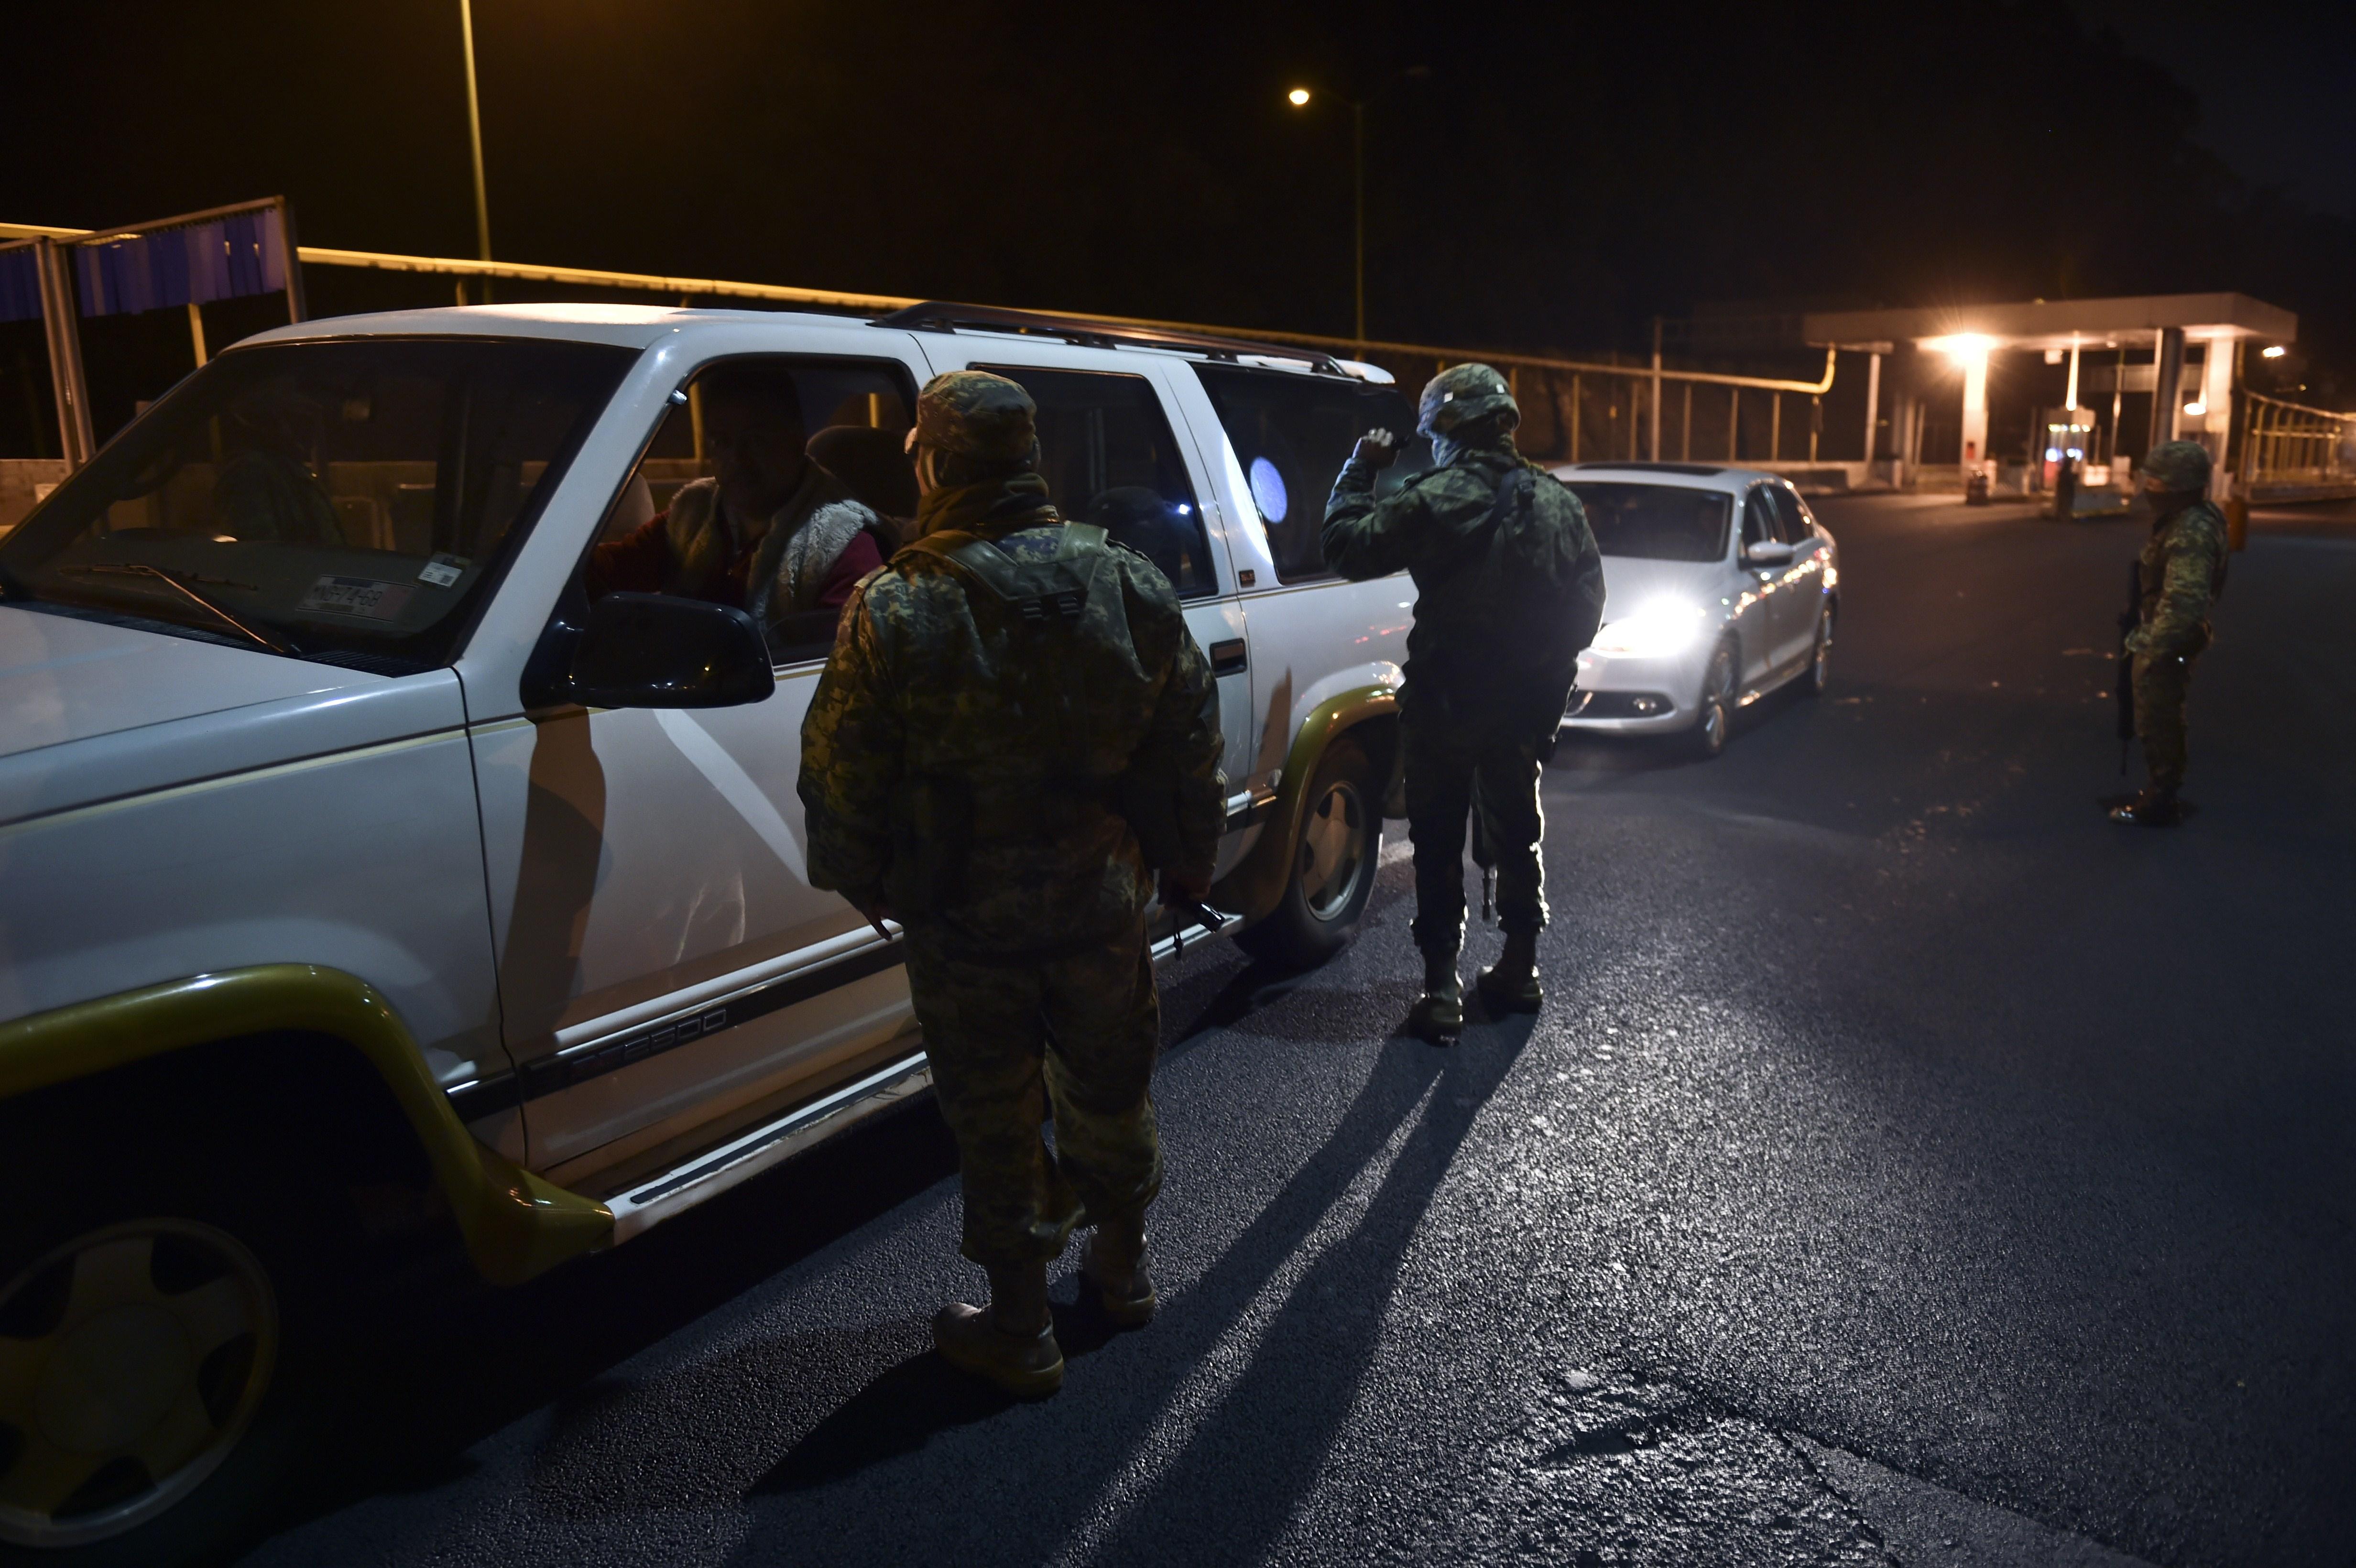 El Chapo Guzman escape, el chapo escape, search for el chapo mexico